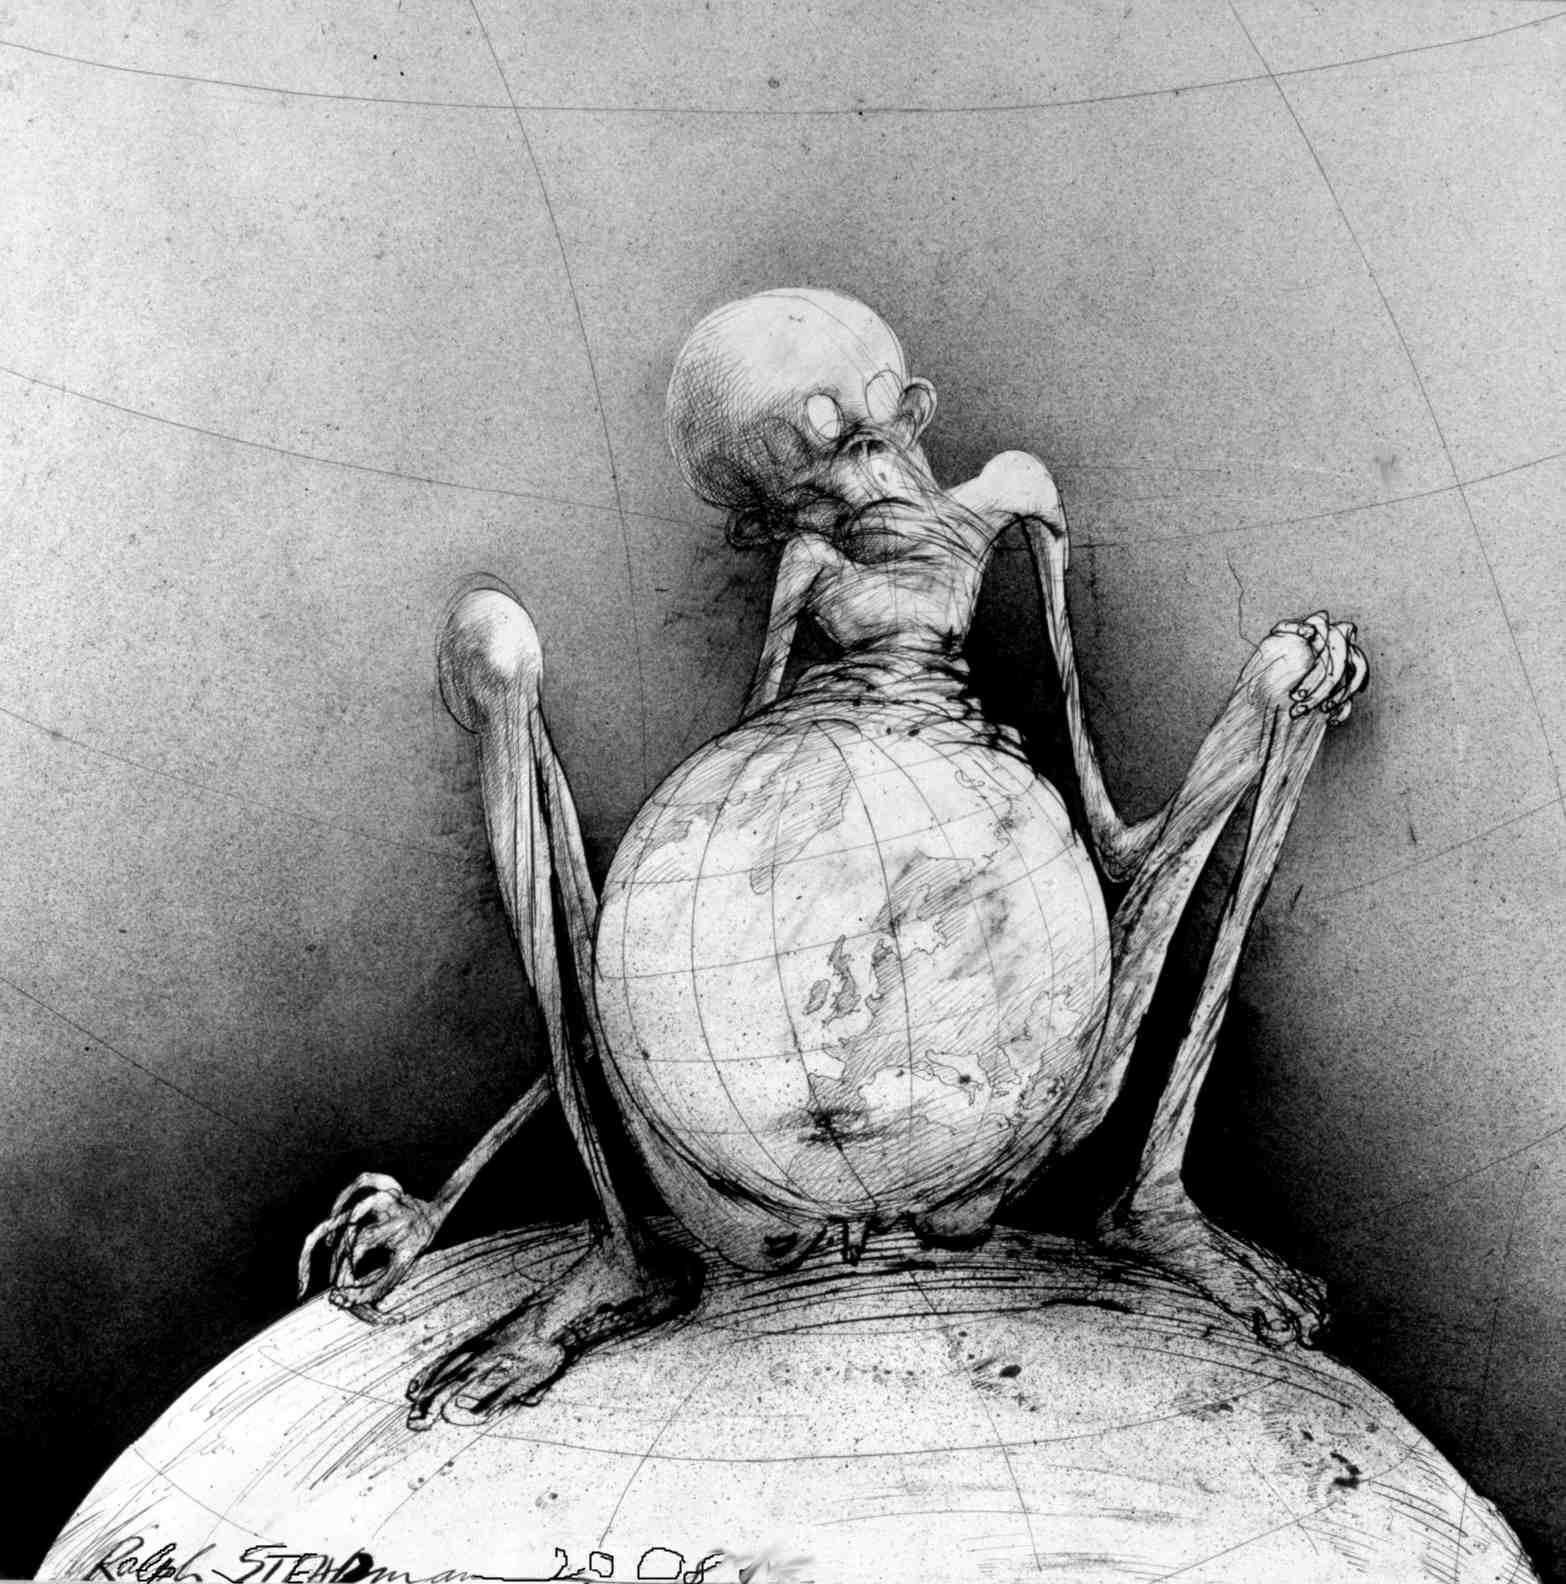 ralph-steadman-art-gallery-earth-belly